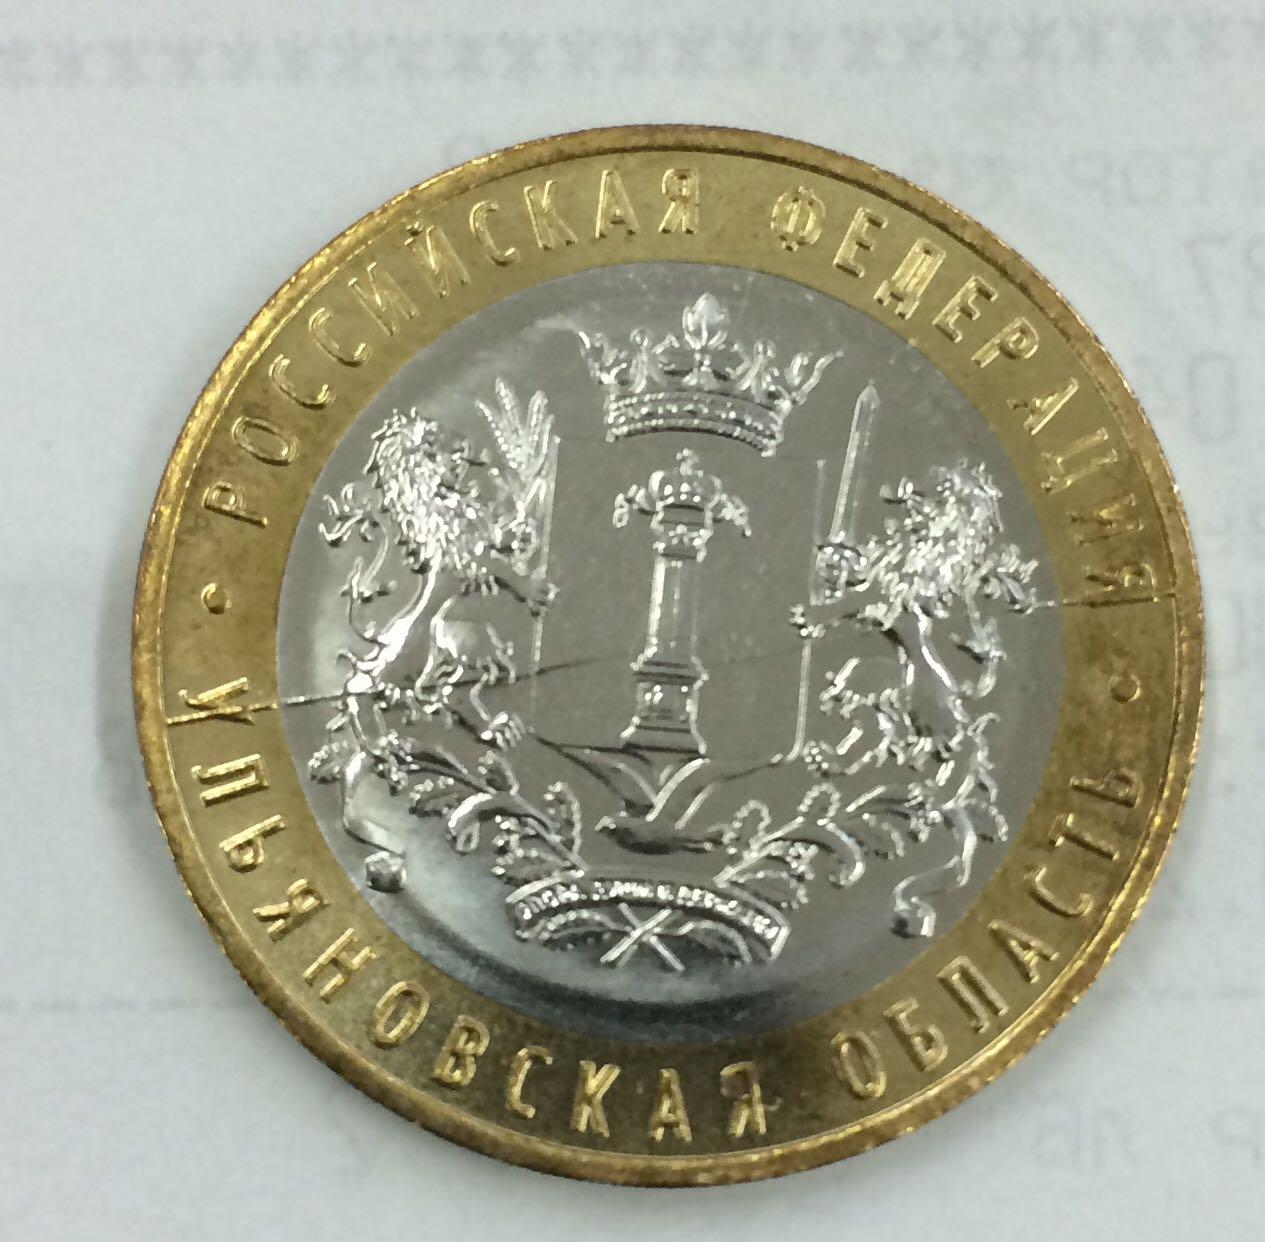 Ульяновская область монета 10 рублей fn фото